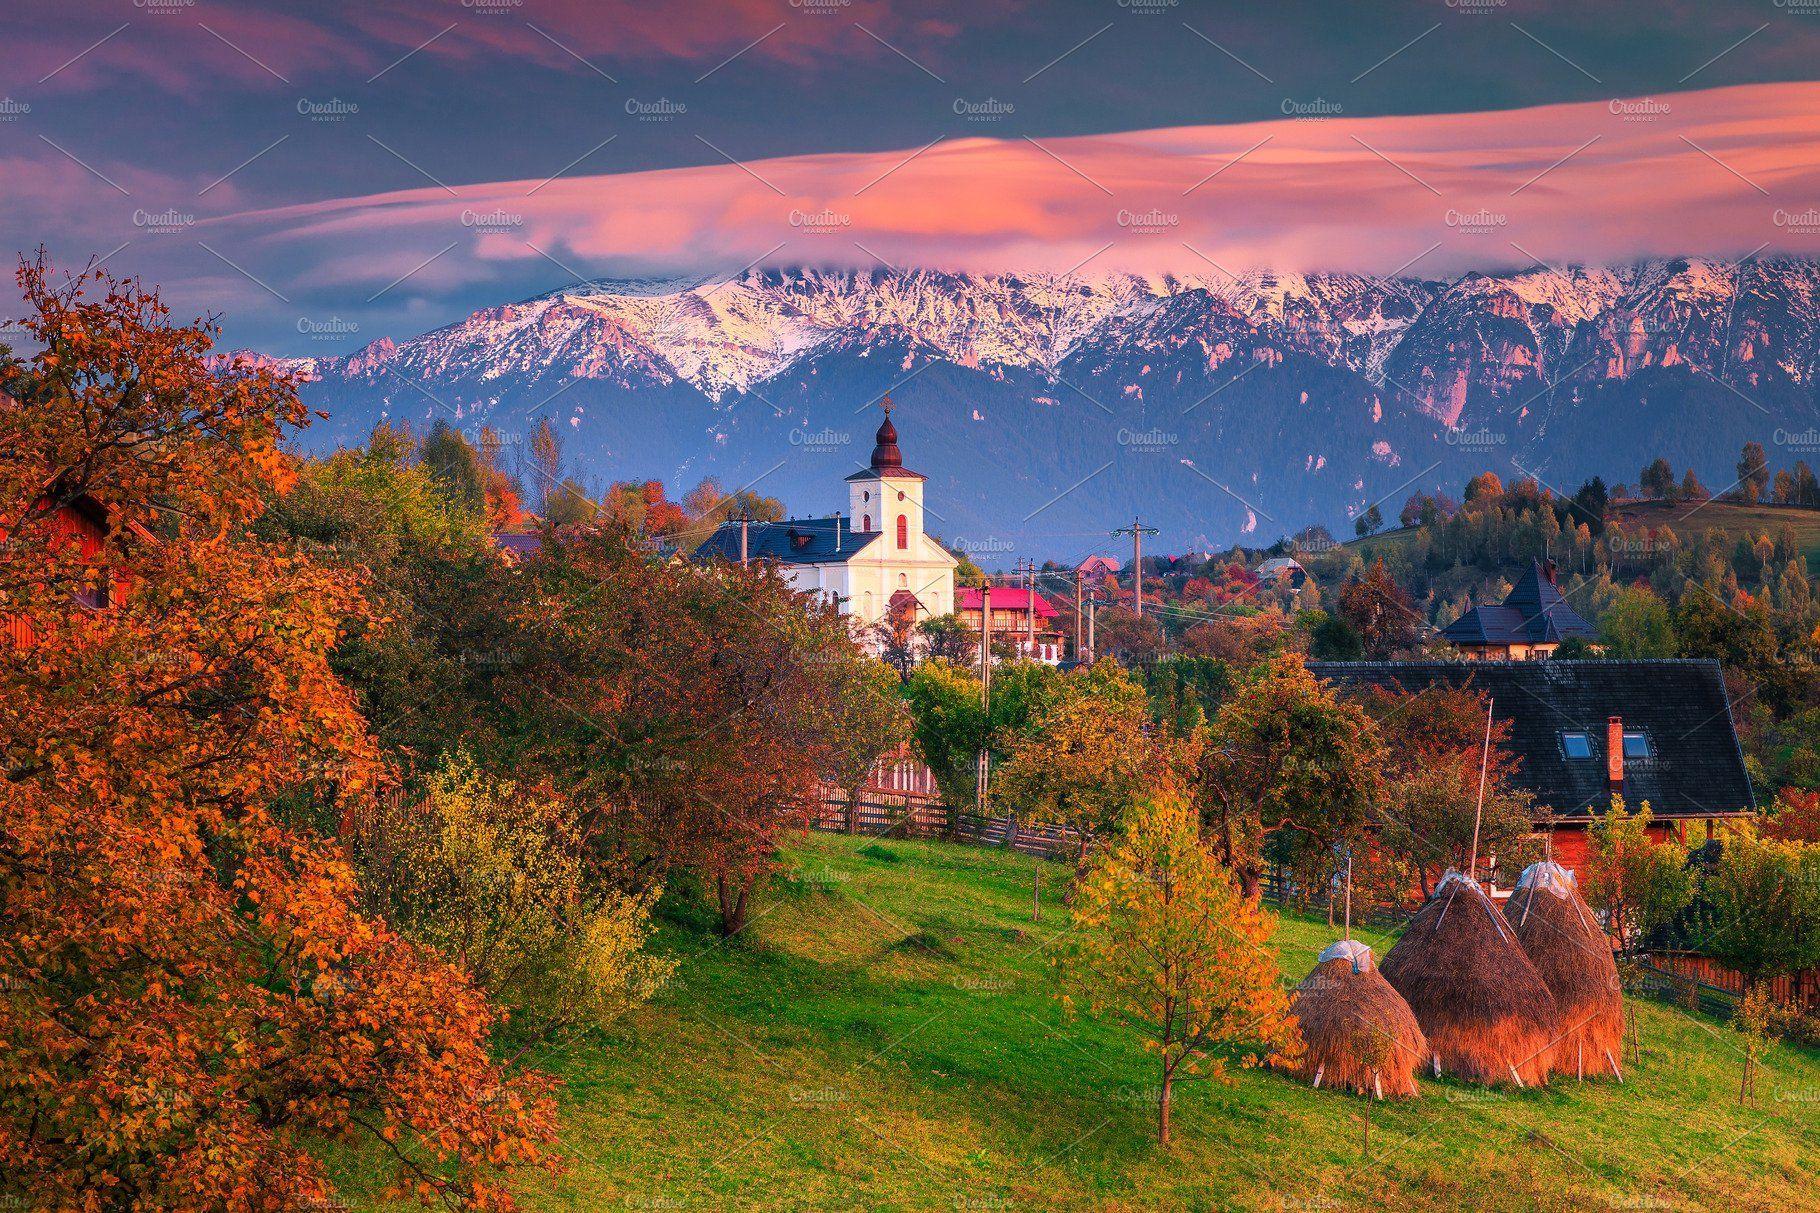 Colorful Autumn Alpine Landscape Landscape Photography Nature Alpine Village Landscaping Images